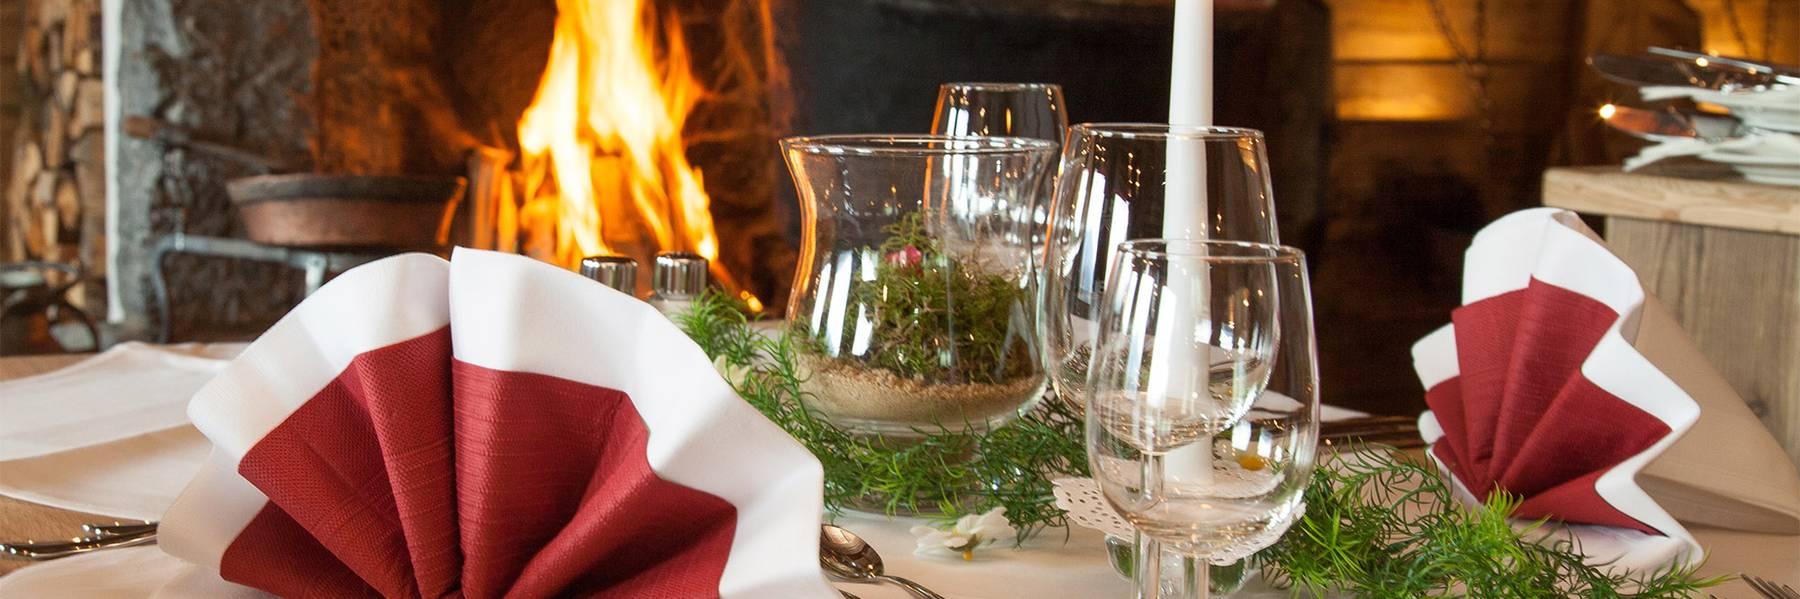 Restaurant Gröblalm, Mittenwald